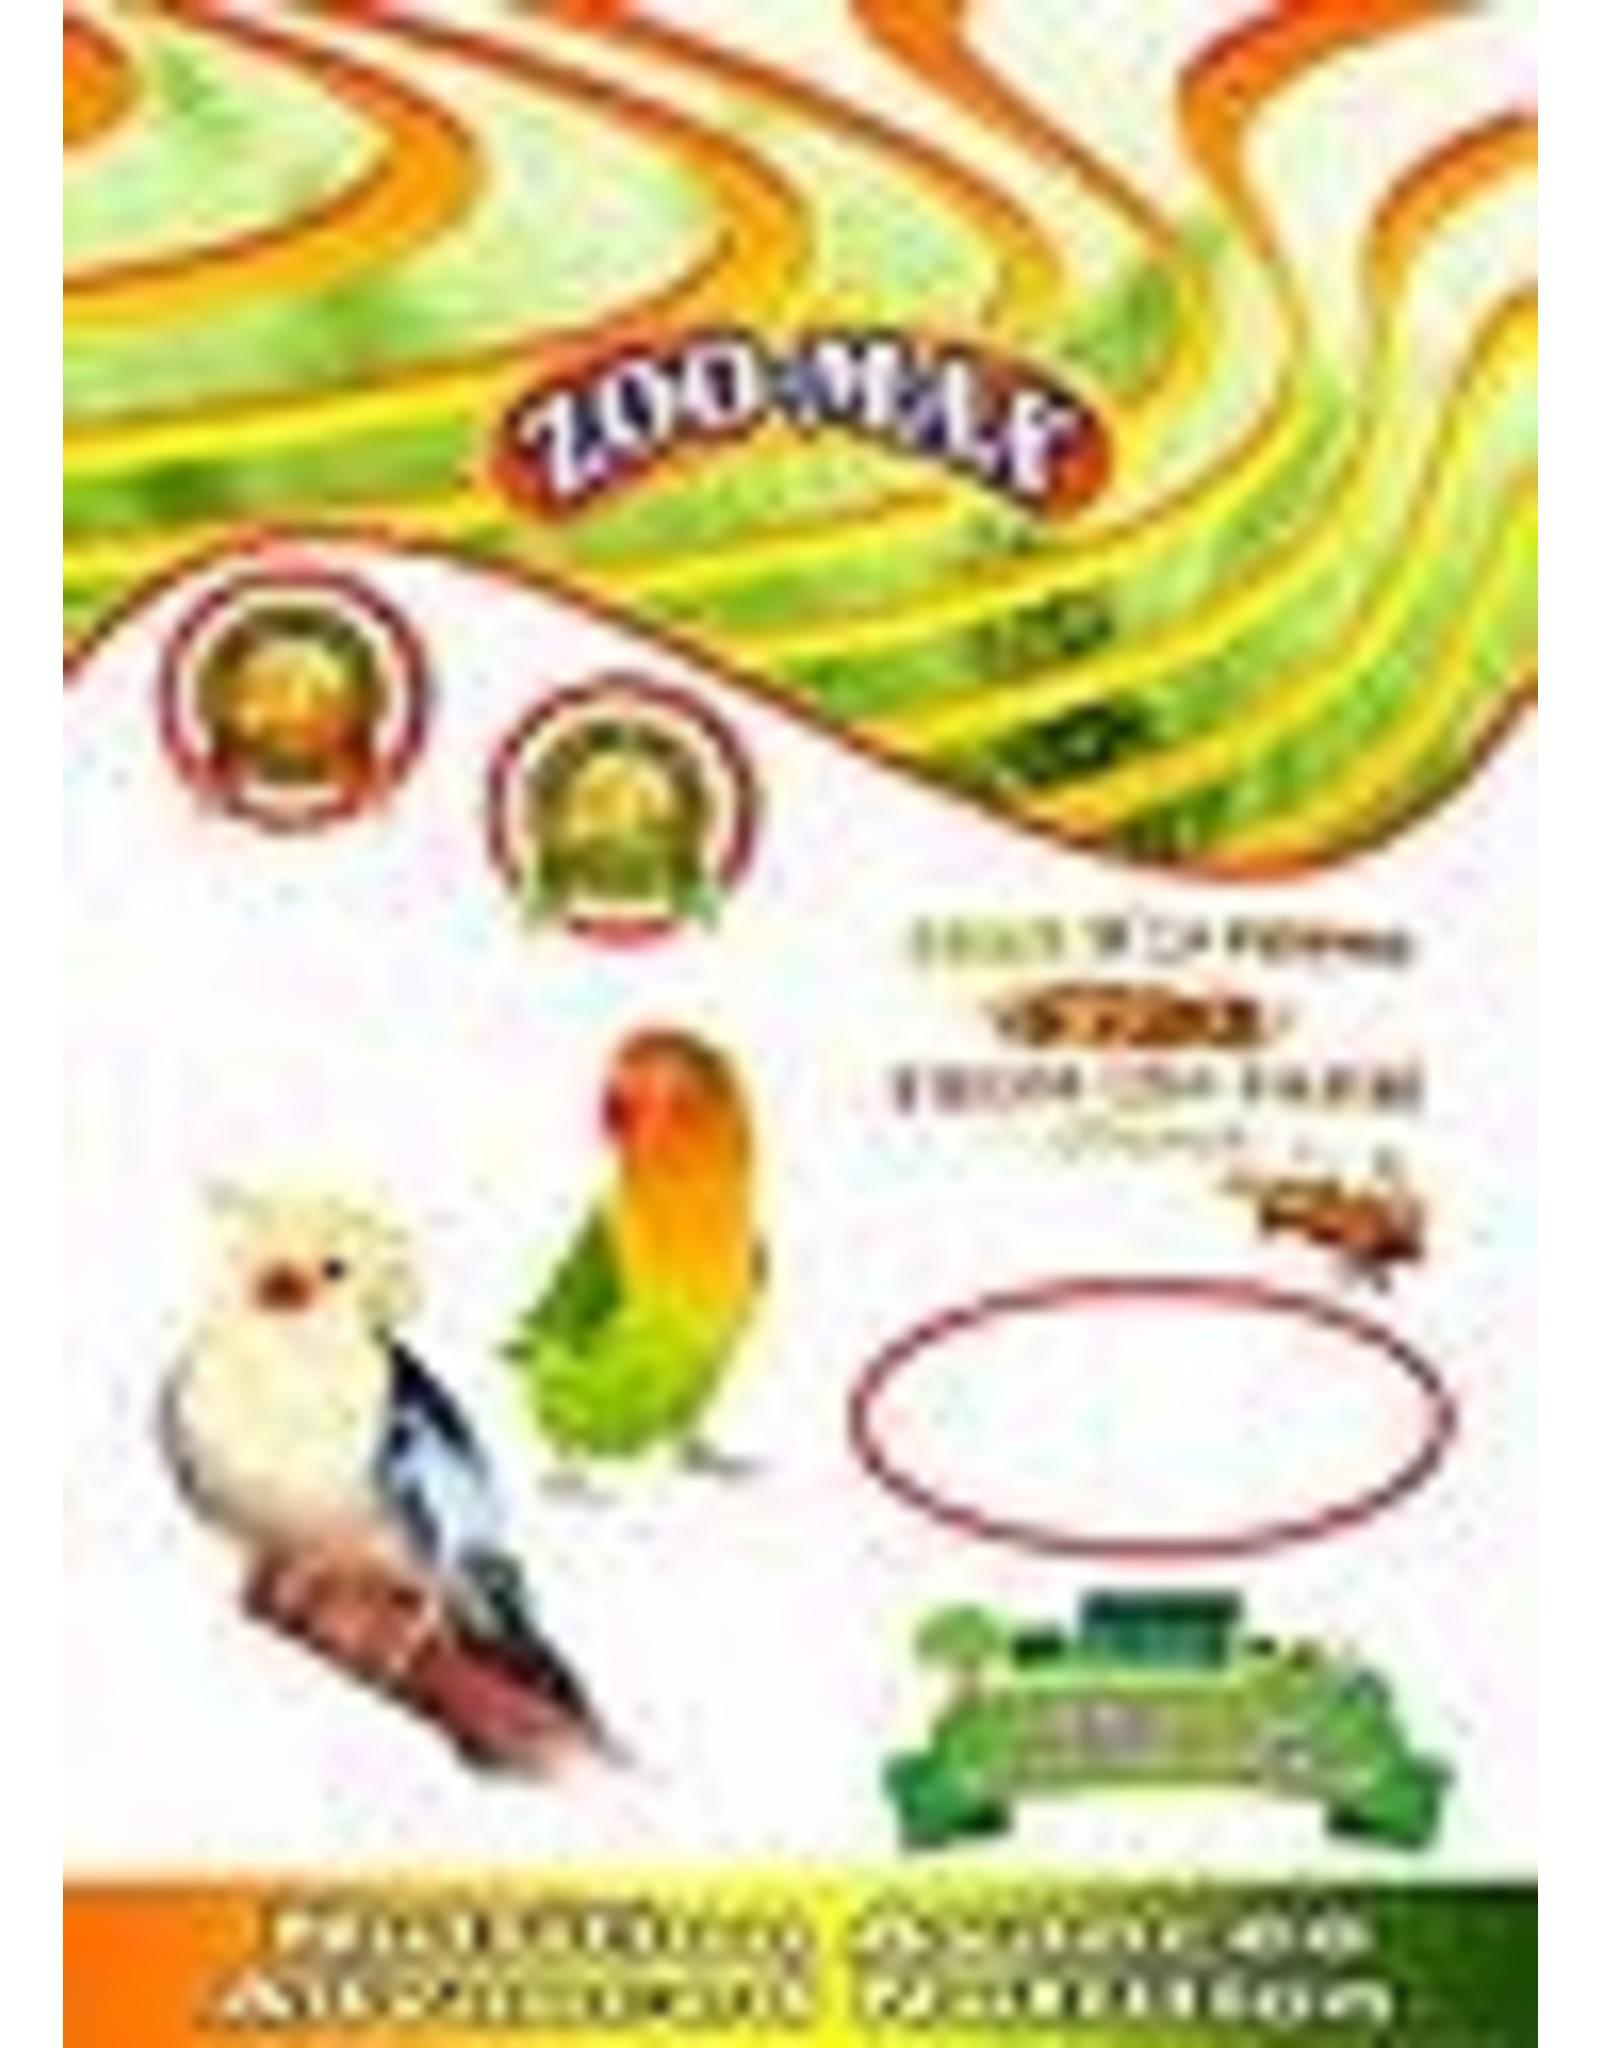 Zoomax econo-max oiseaux cockatiel- inséparable 908 kg